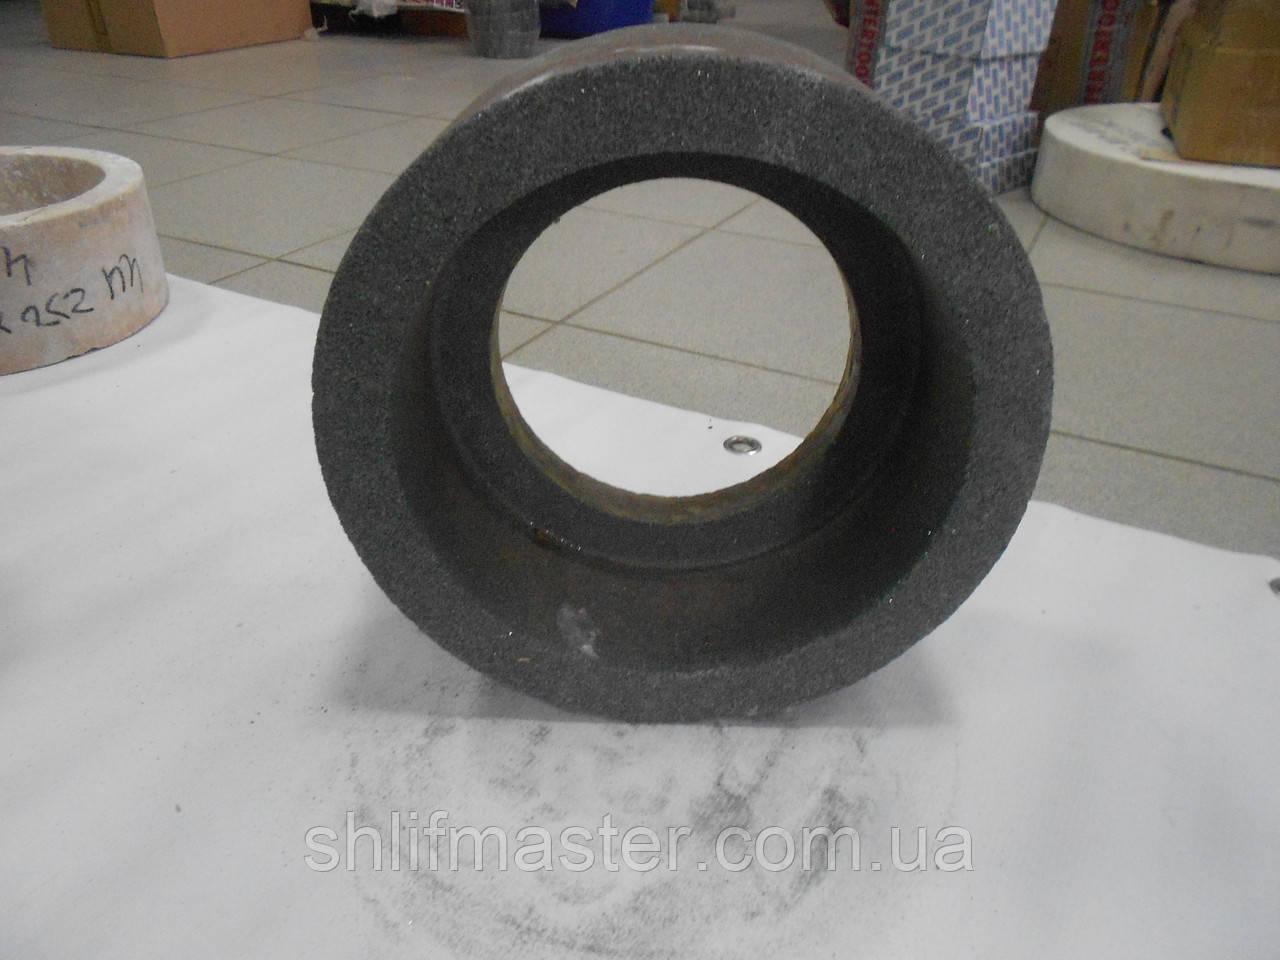 Чашка цилиндрическая ЧЦ 64С керамическая шлифовальная 250х100х150 40 М-СМ